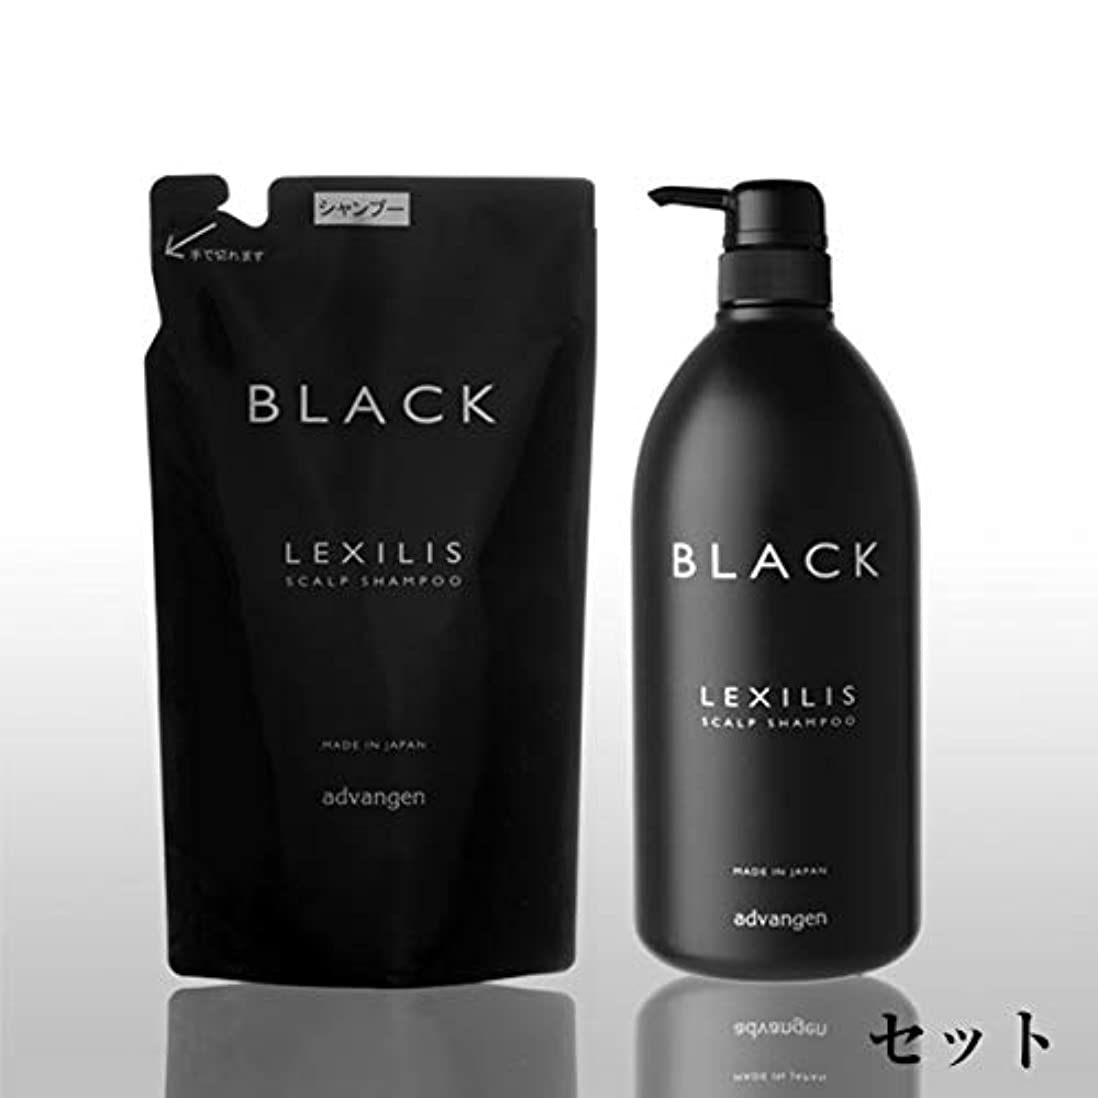 小道節約するベースレキシリス.ブラック スカルプシャンプー(1000mL) 詰替用リフィル(700mL) セット